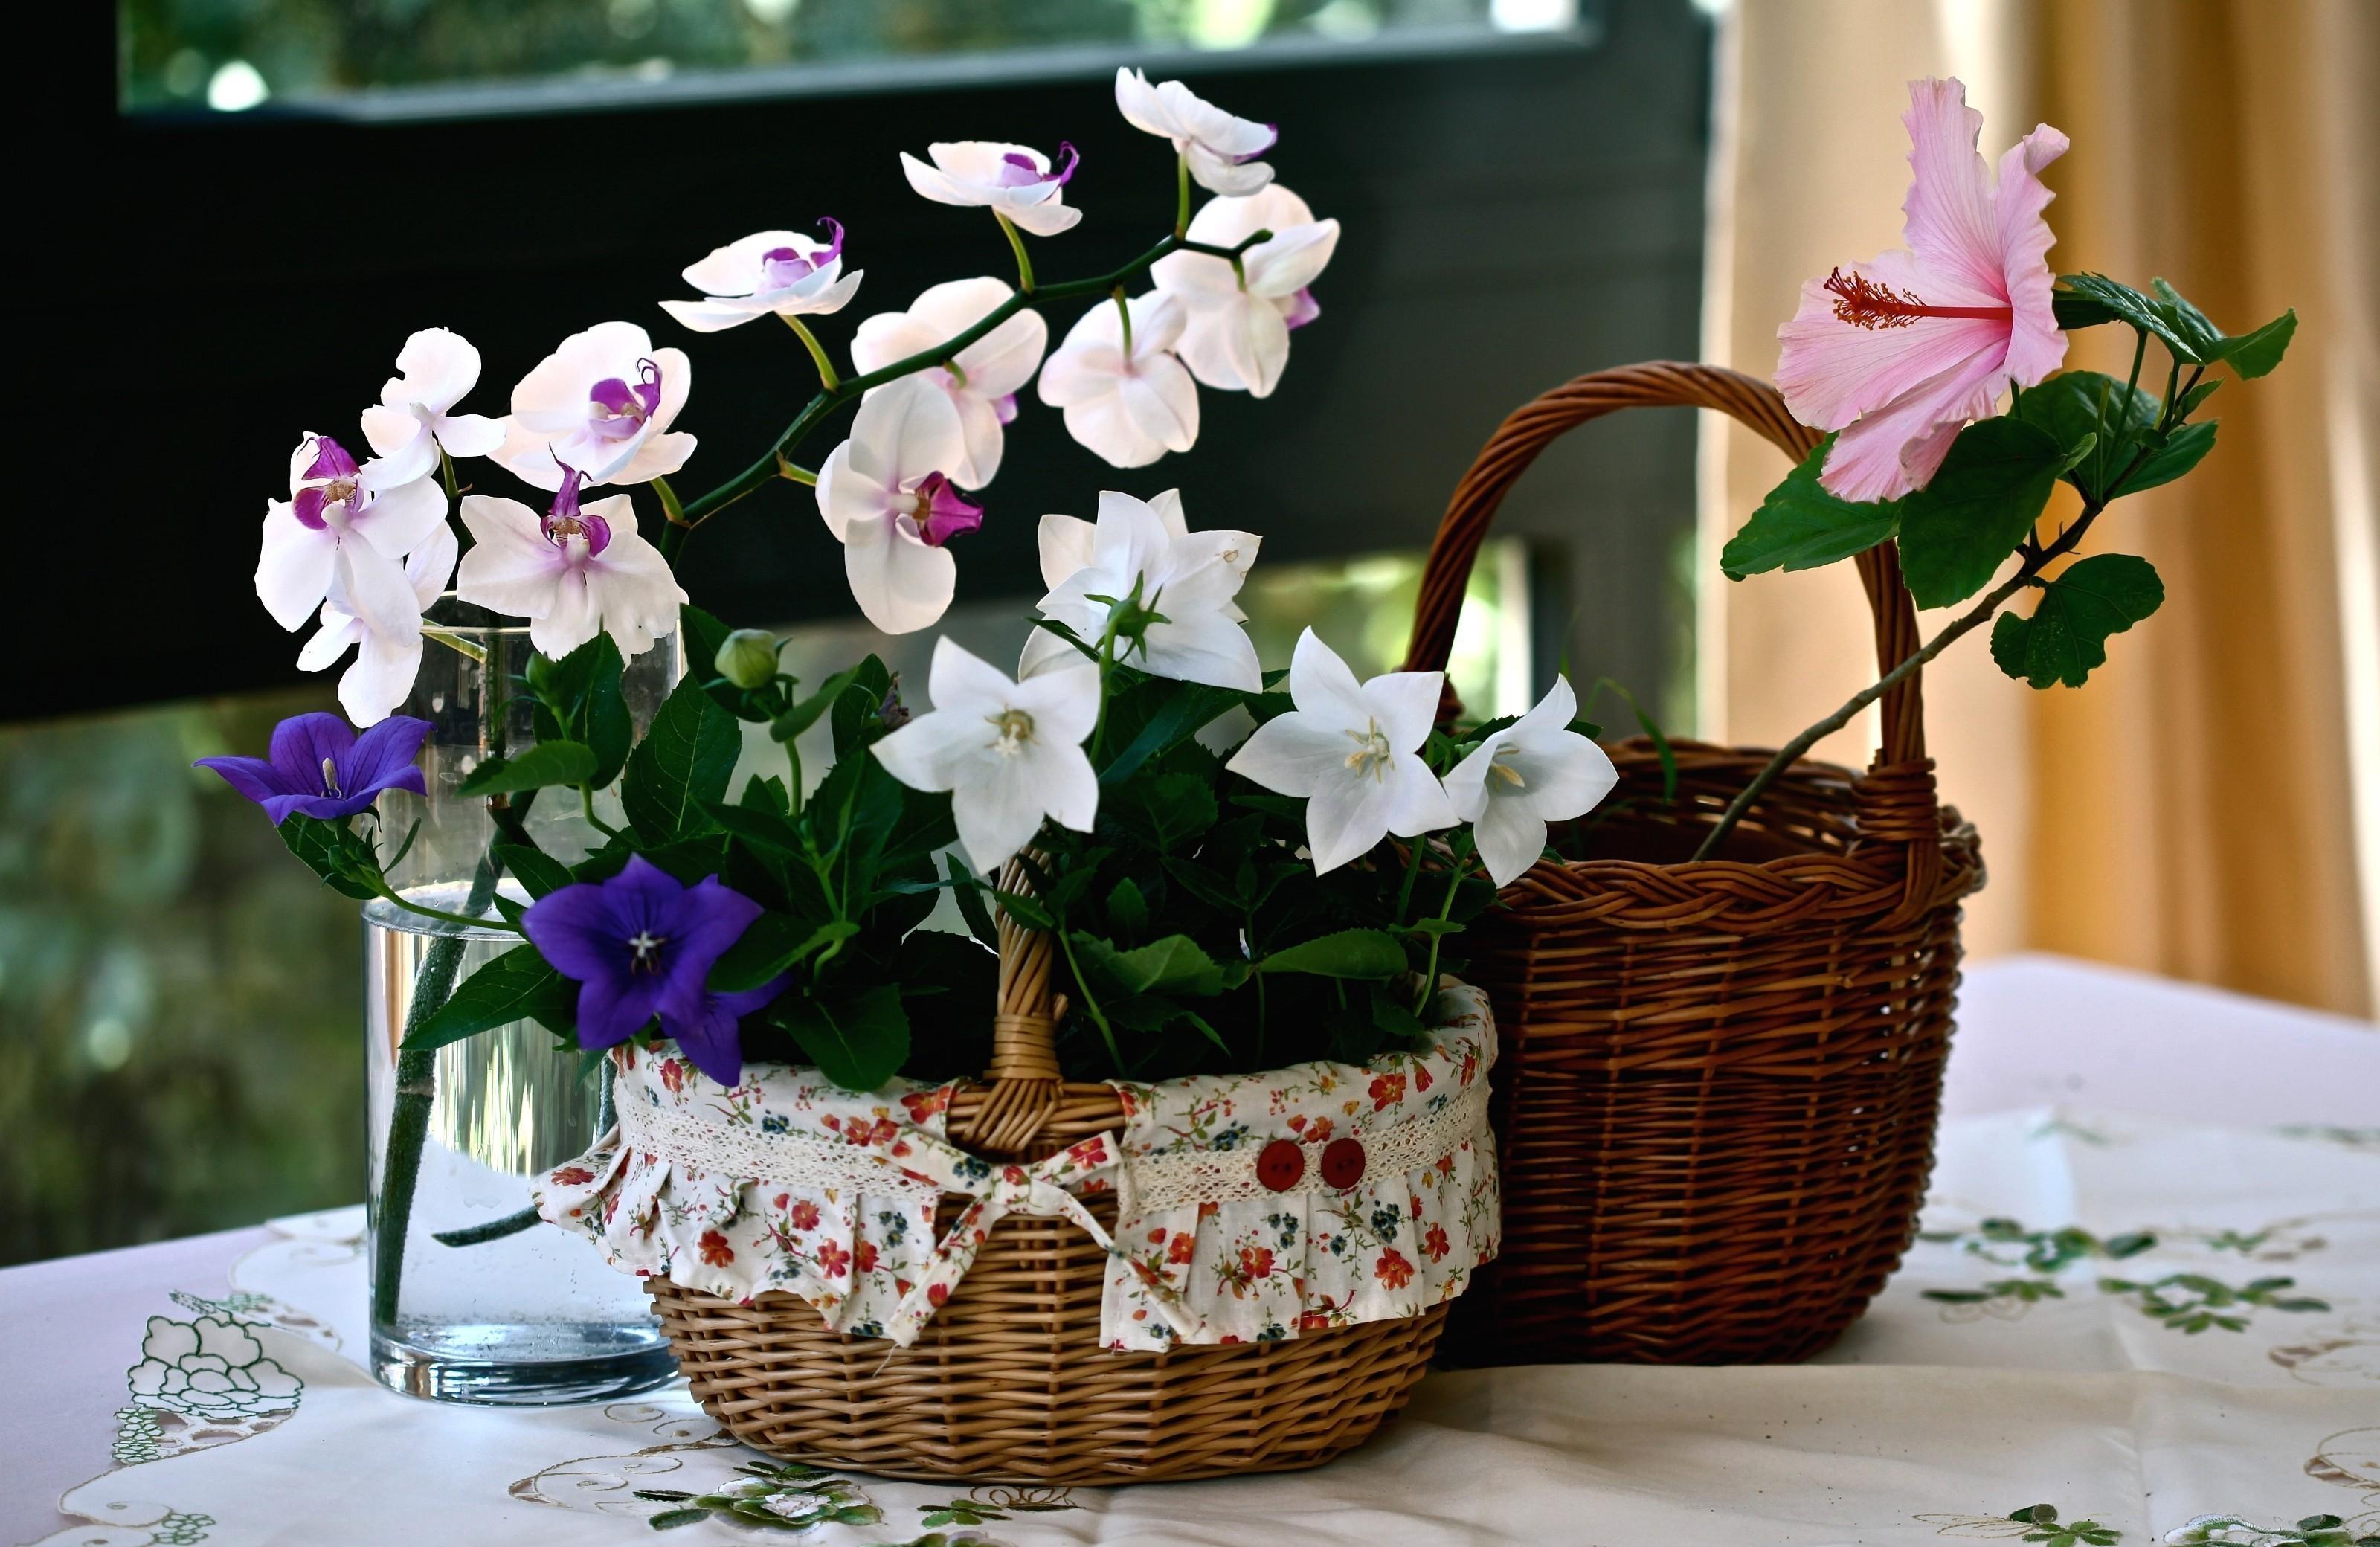 95973 скачать обои Цветы, Орхидея, Колокольчики, Гибискус, Корзины, Скатерть, Стакан - заставки и картинки бесплатно